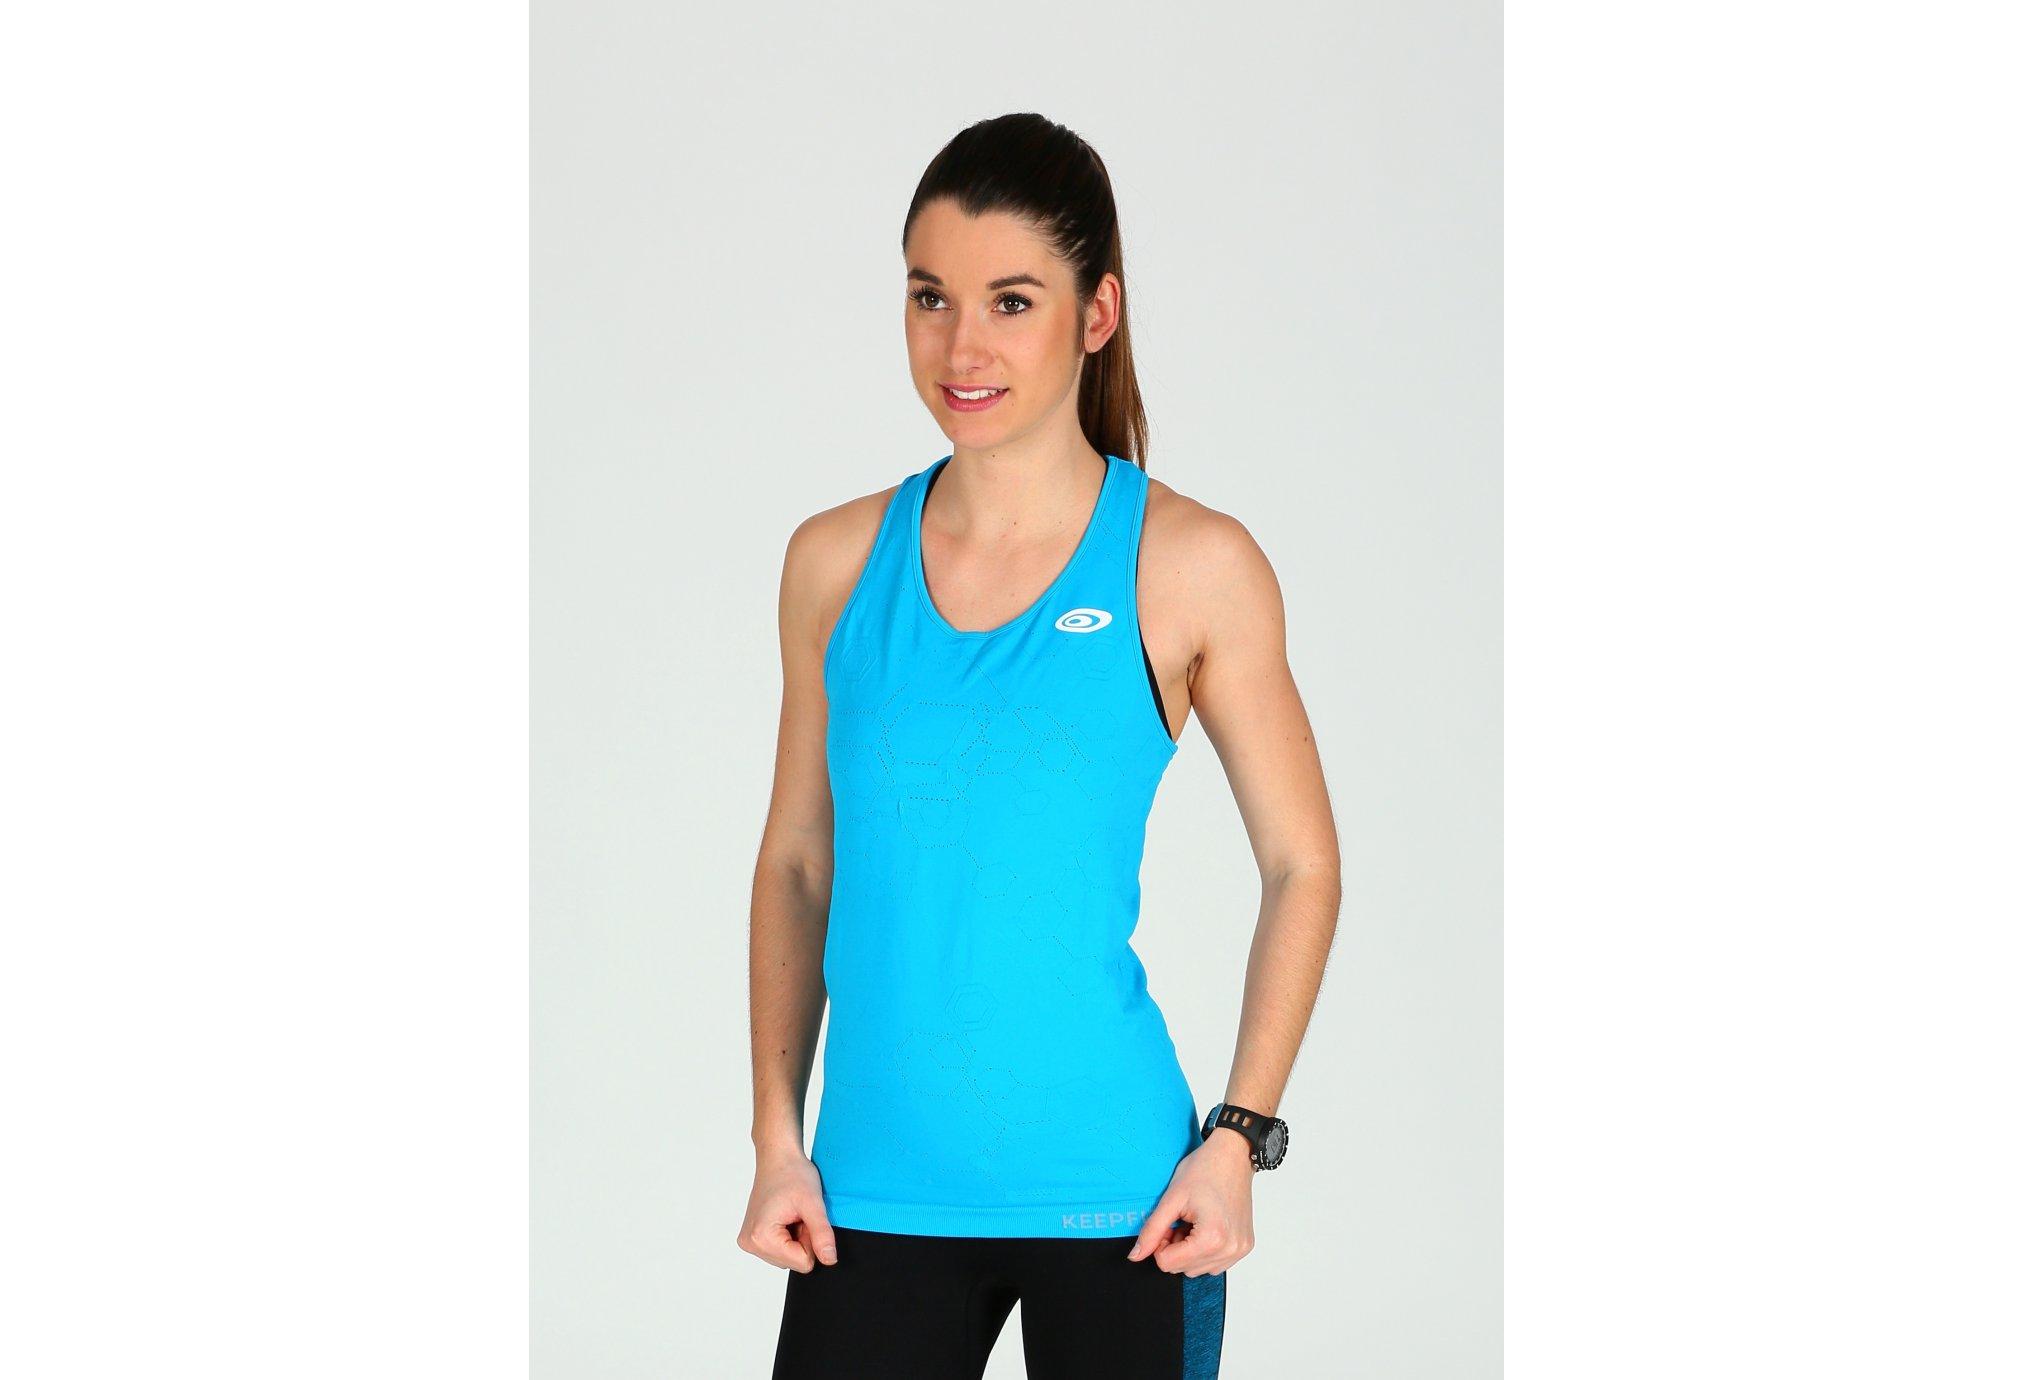 BV Sport KeepFit W Diététique Vêtements femme